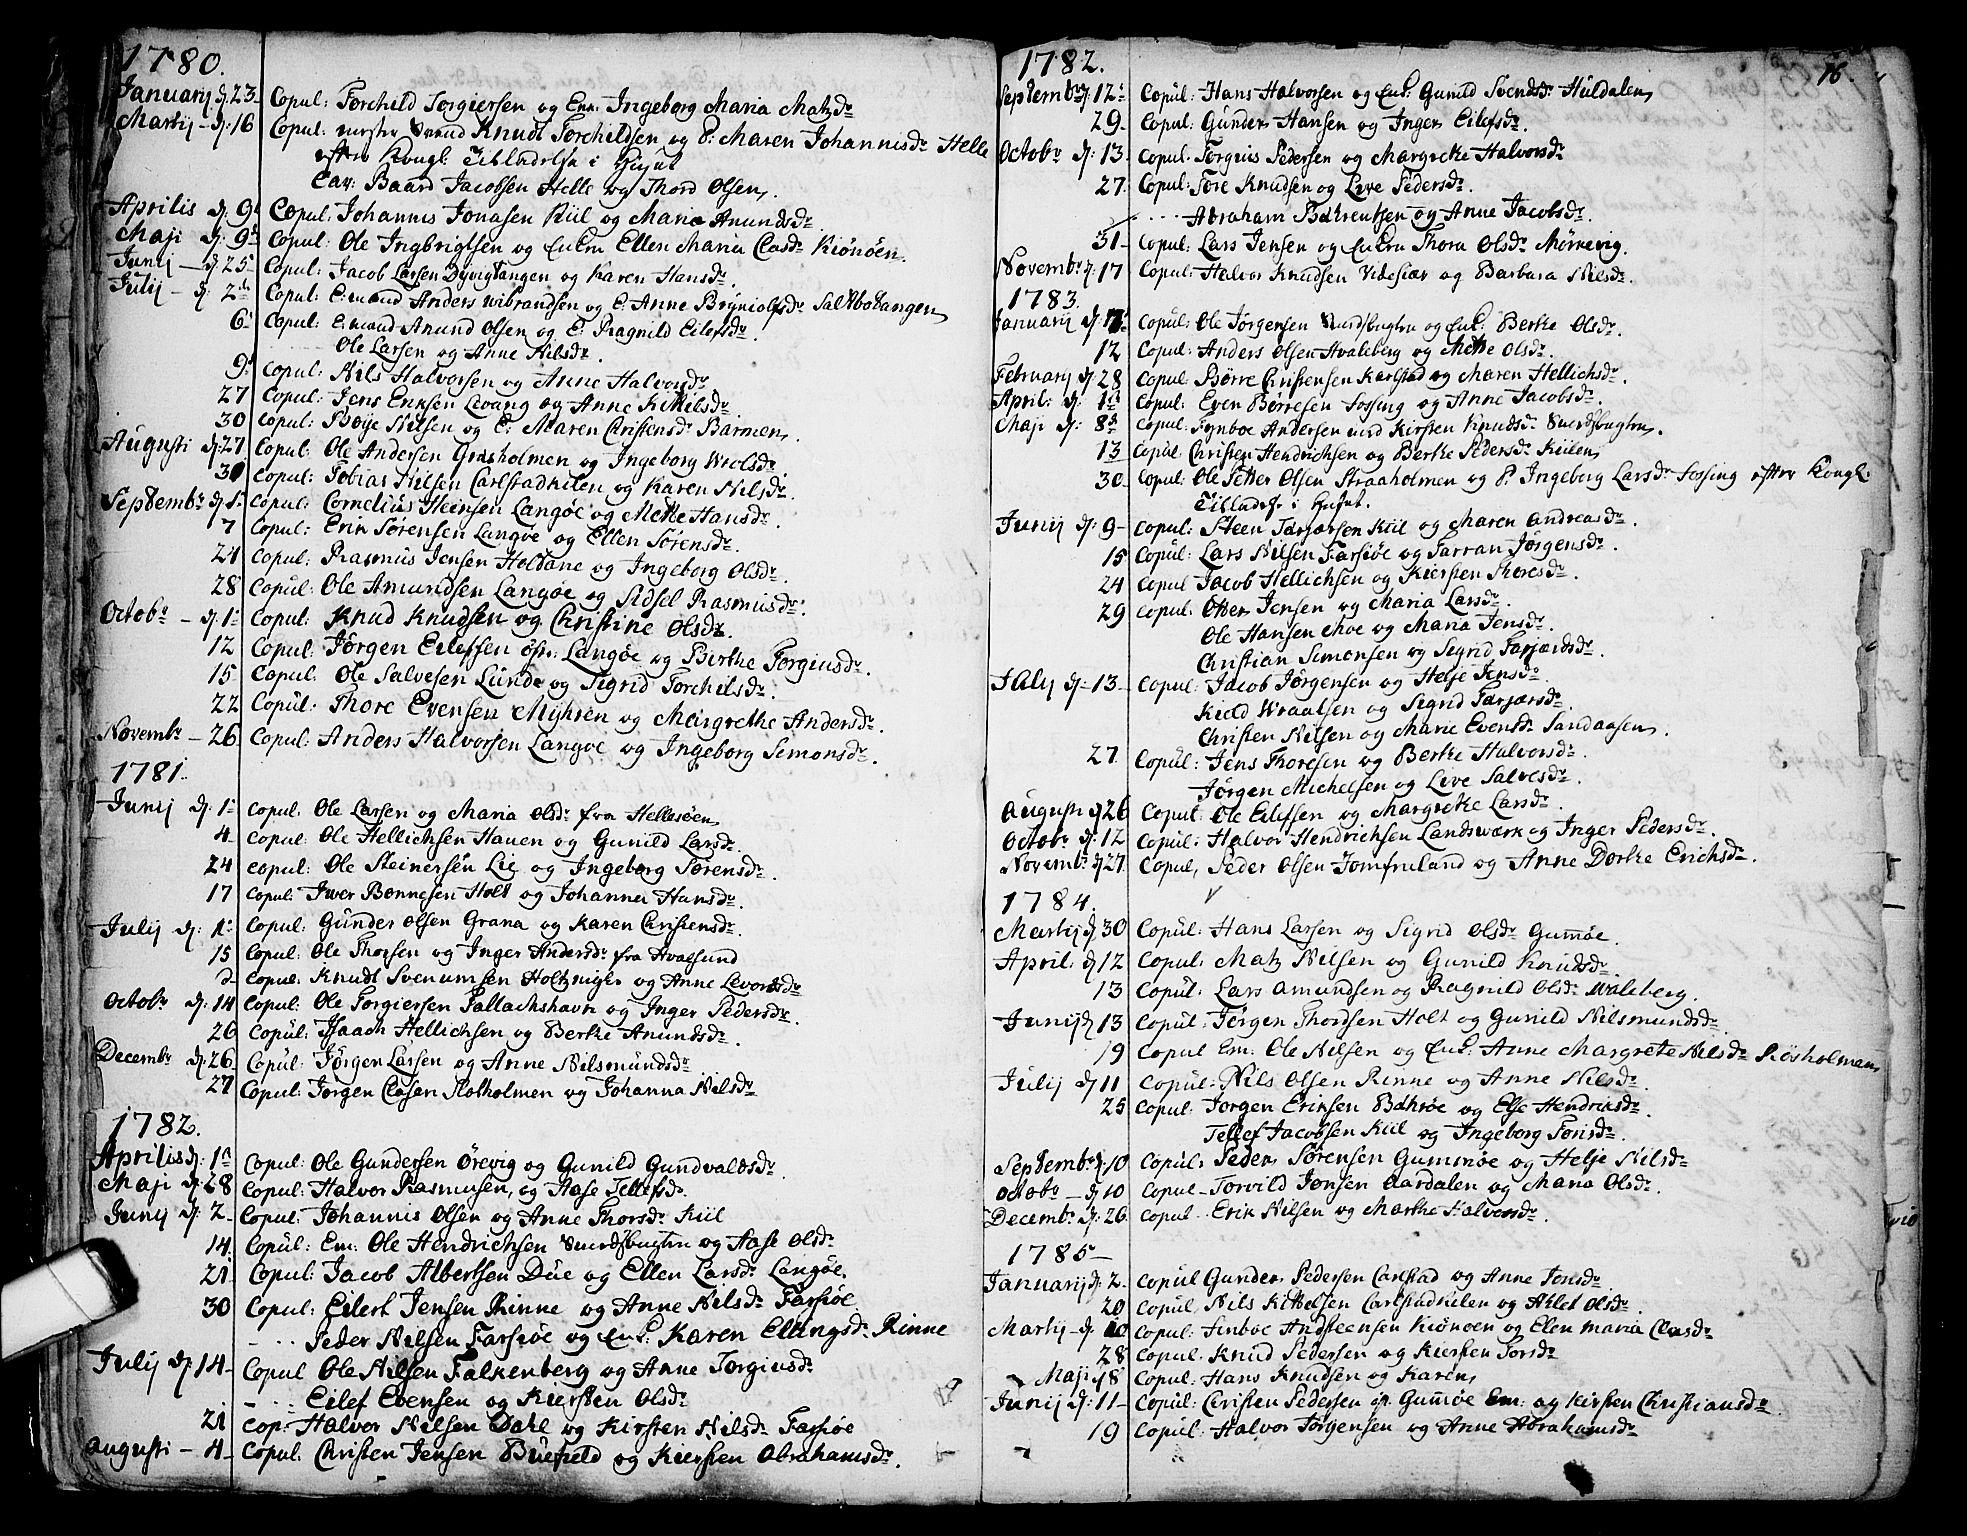 SAKO, Sannidal kirkebøker, F/Fa/L0002: Ministerialbok nr. 2, 1767-1802, s. 16